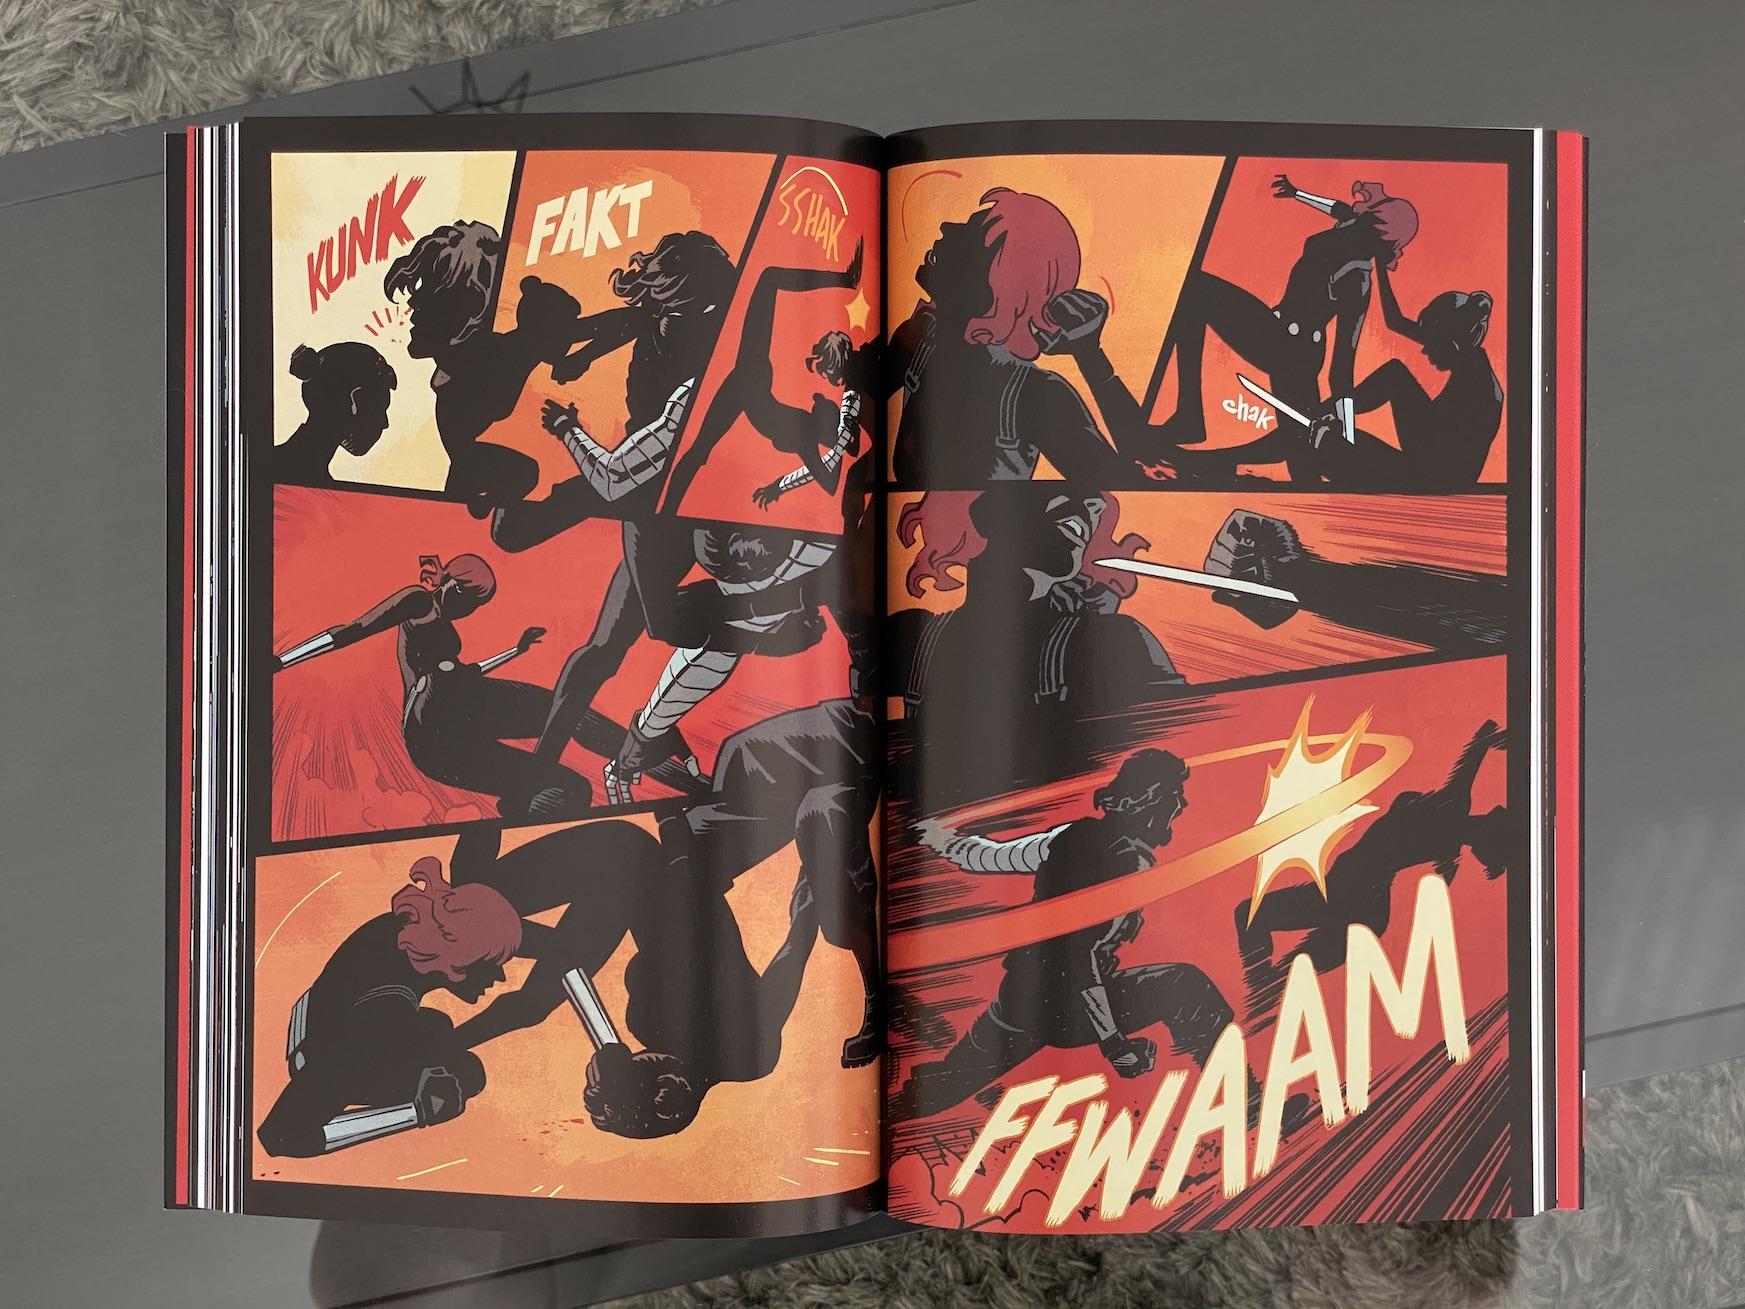 czarna wdowa komiks egmont 2020 recenzja black widow marvel